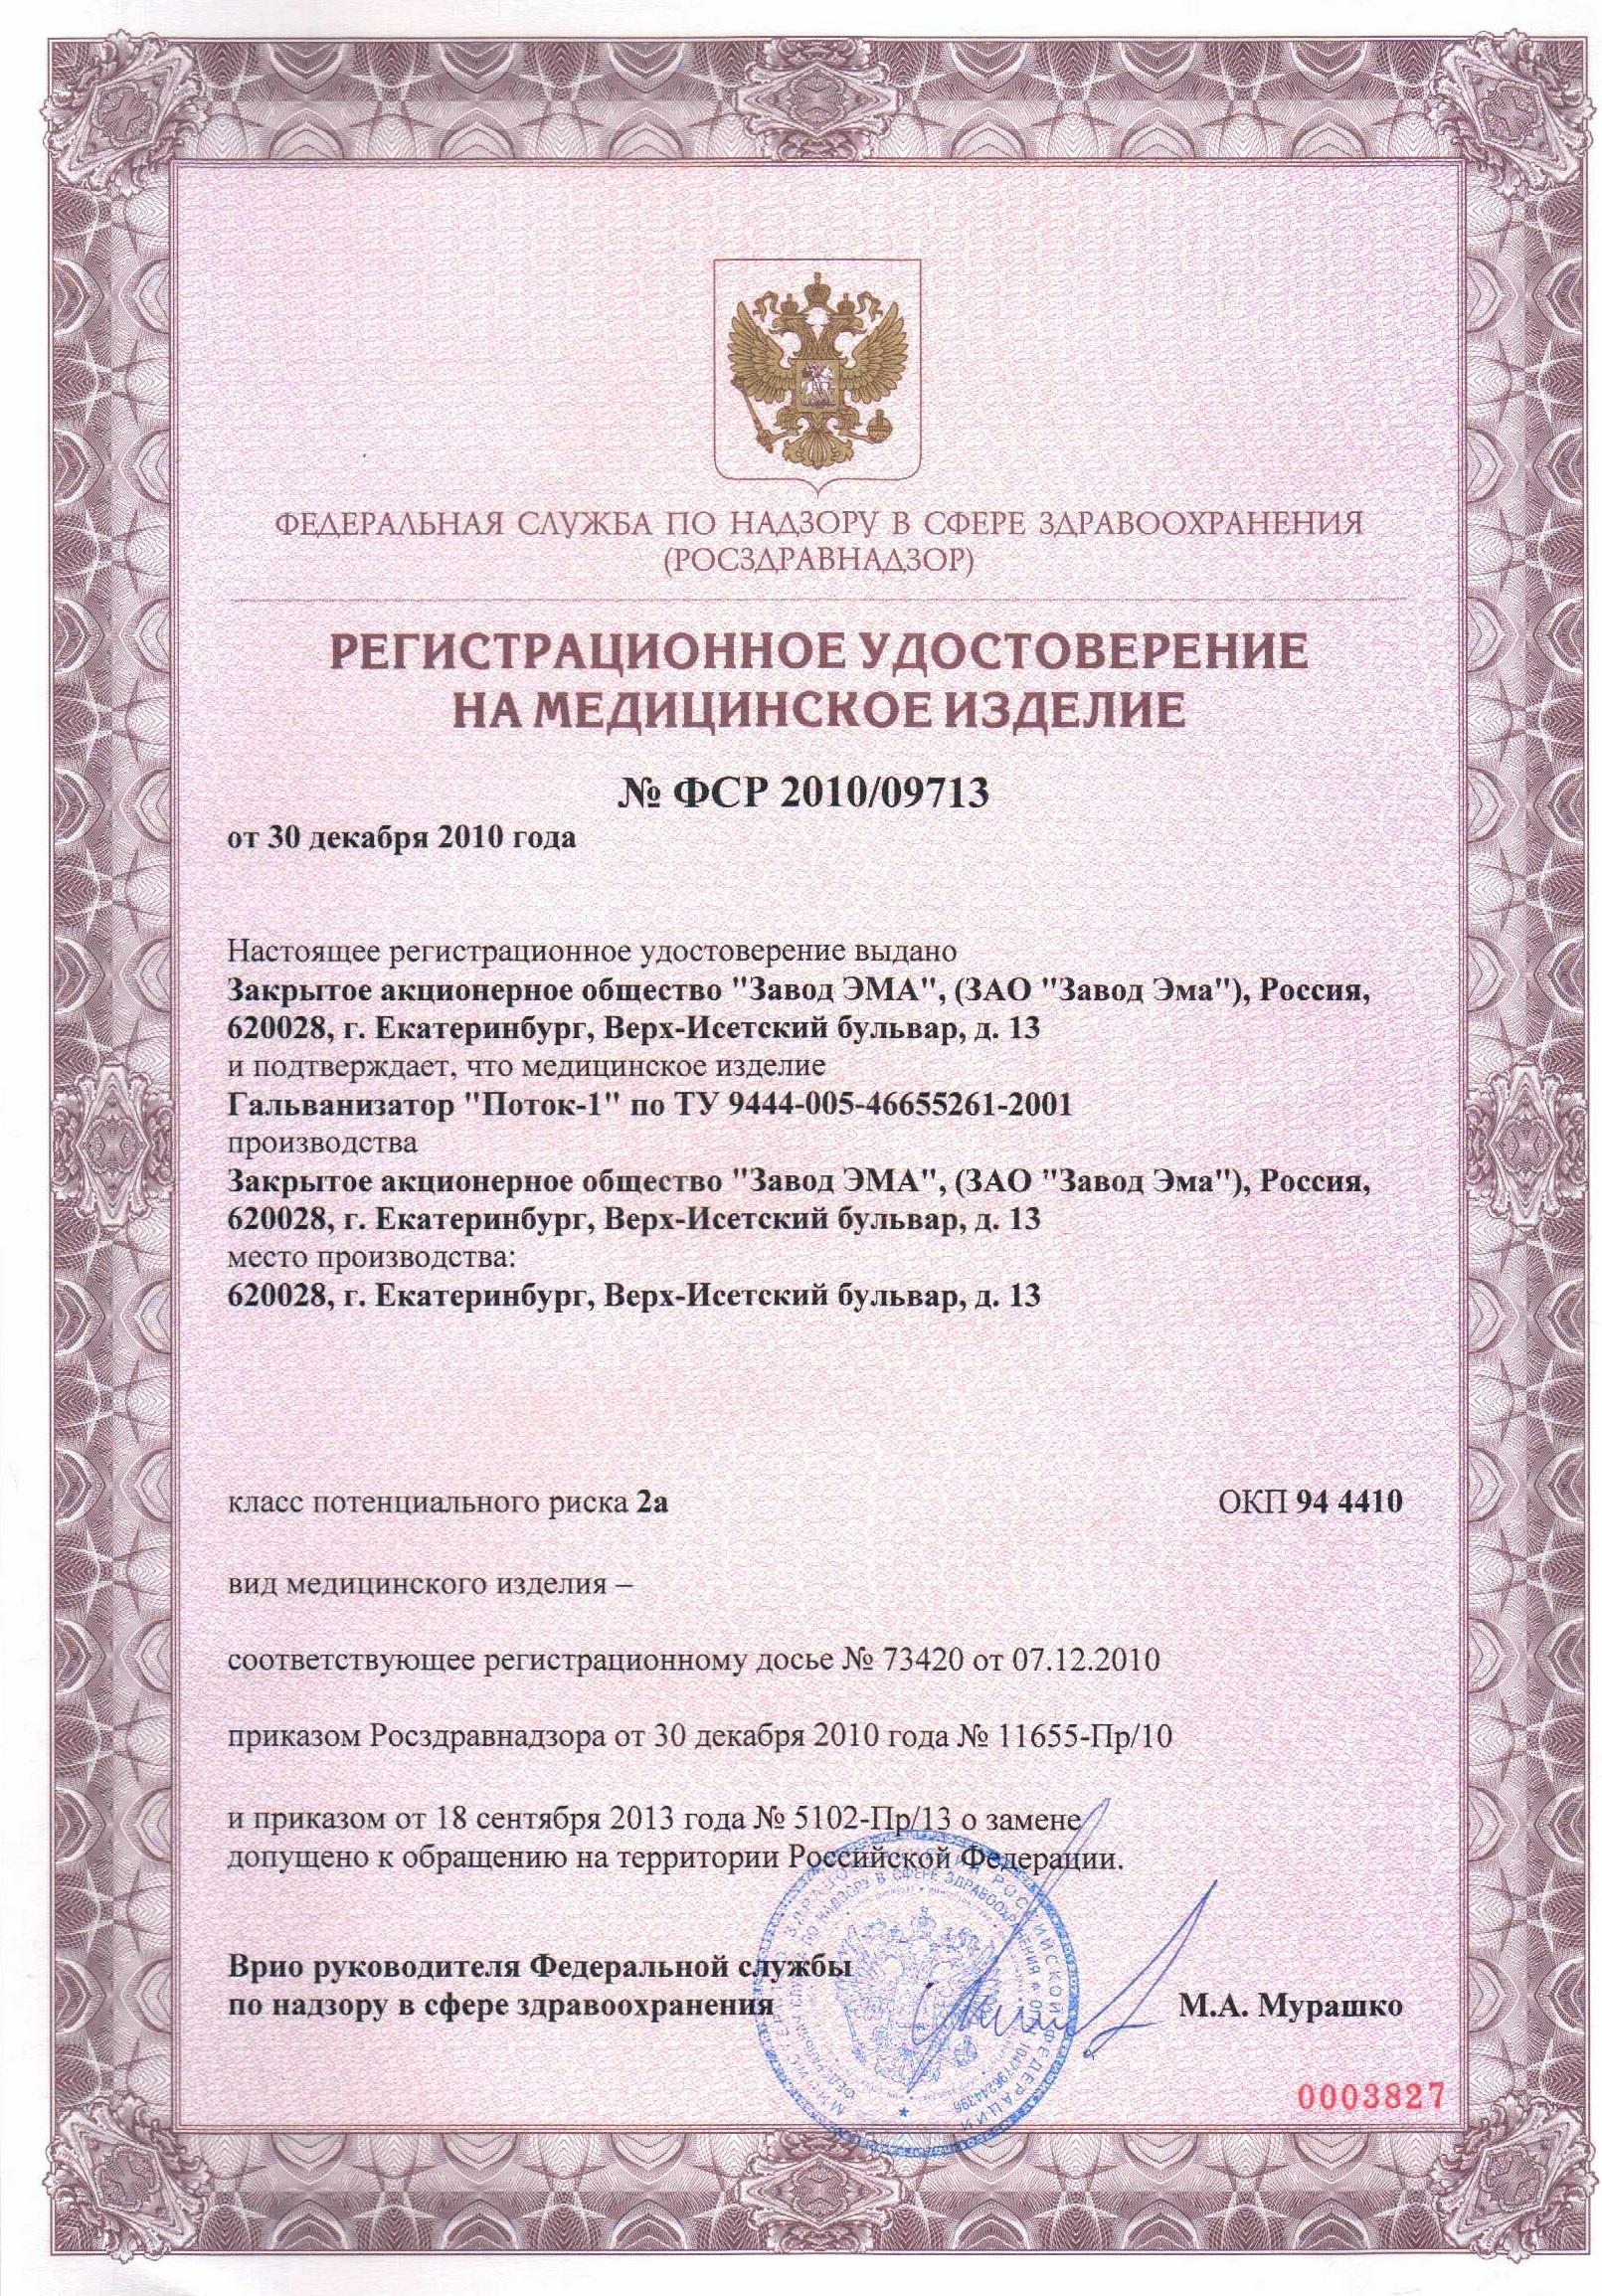 Регистрационное удостоверение на гальванизатор Поток-1